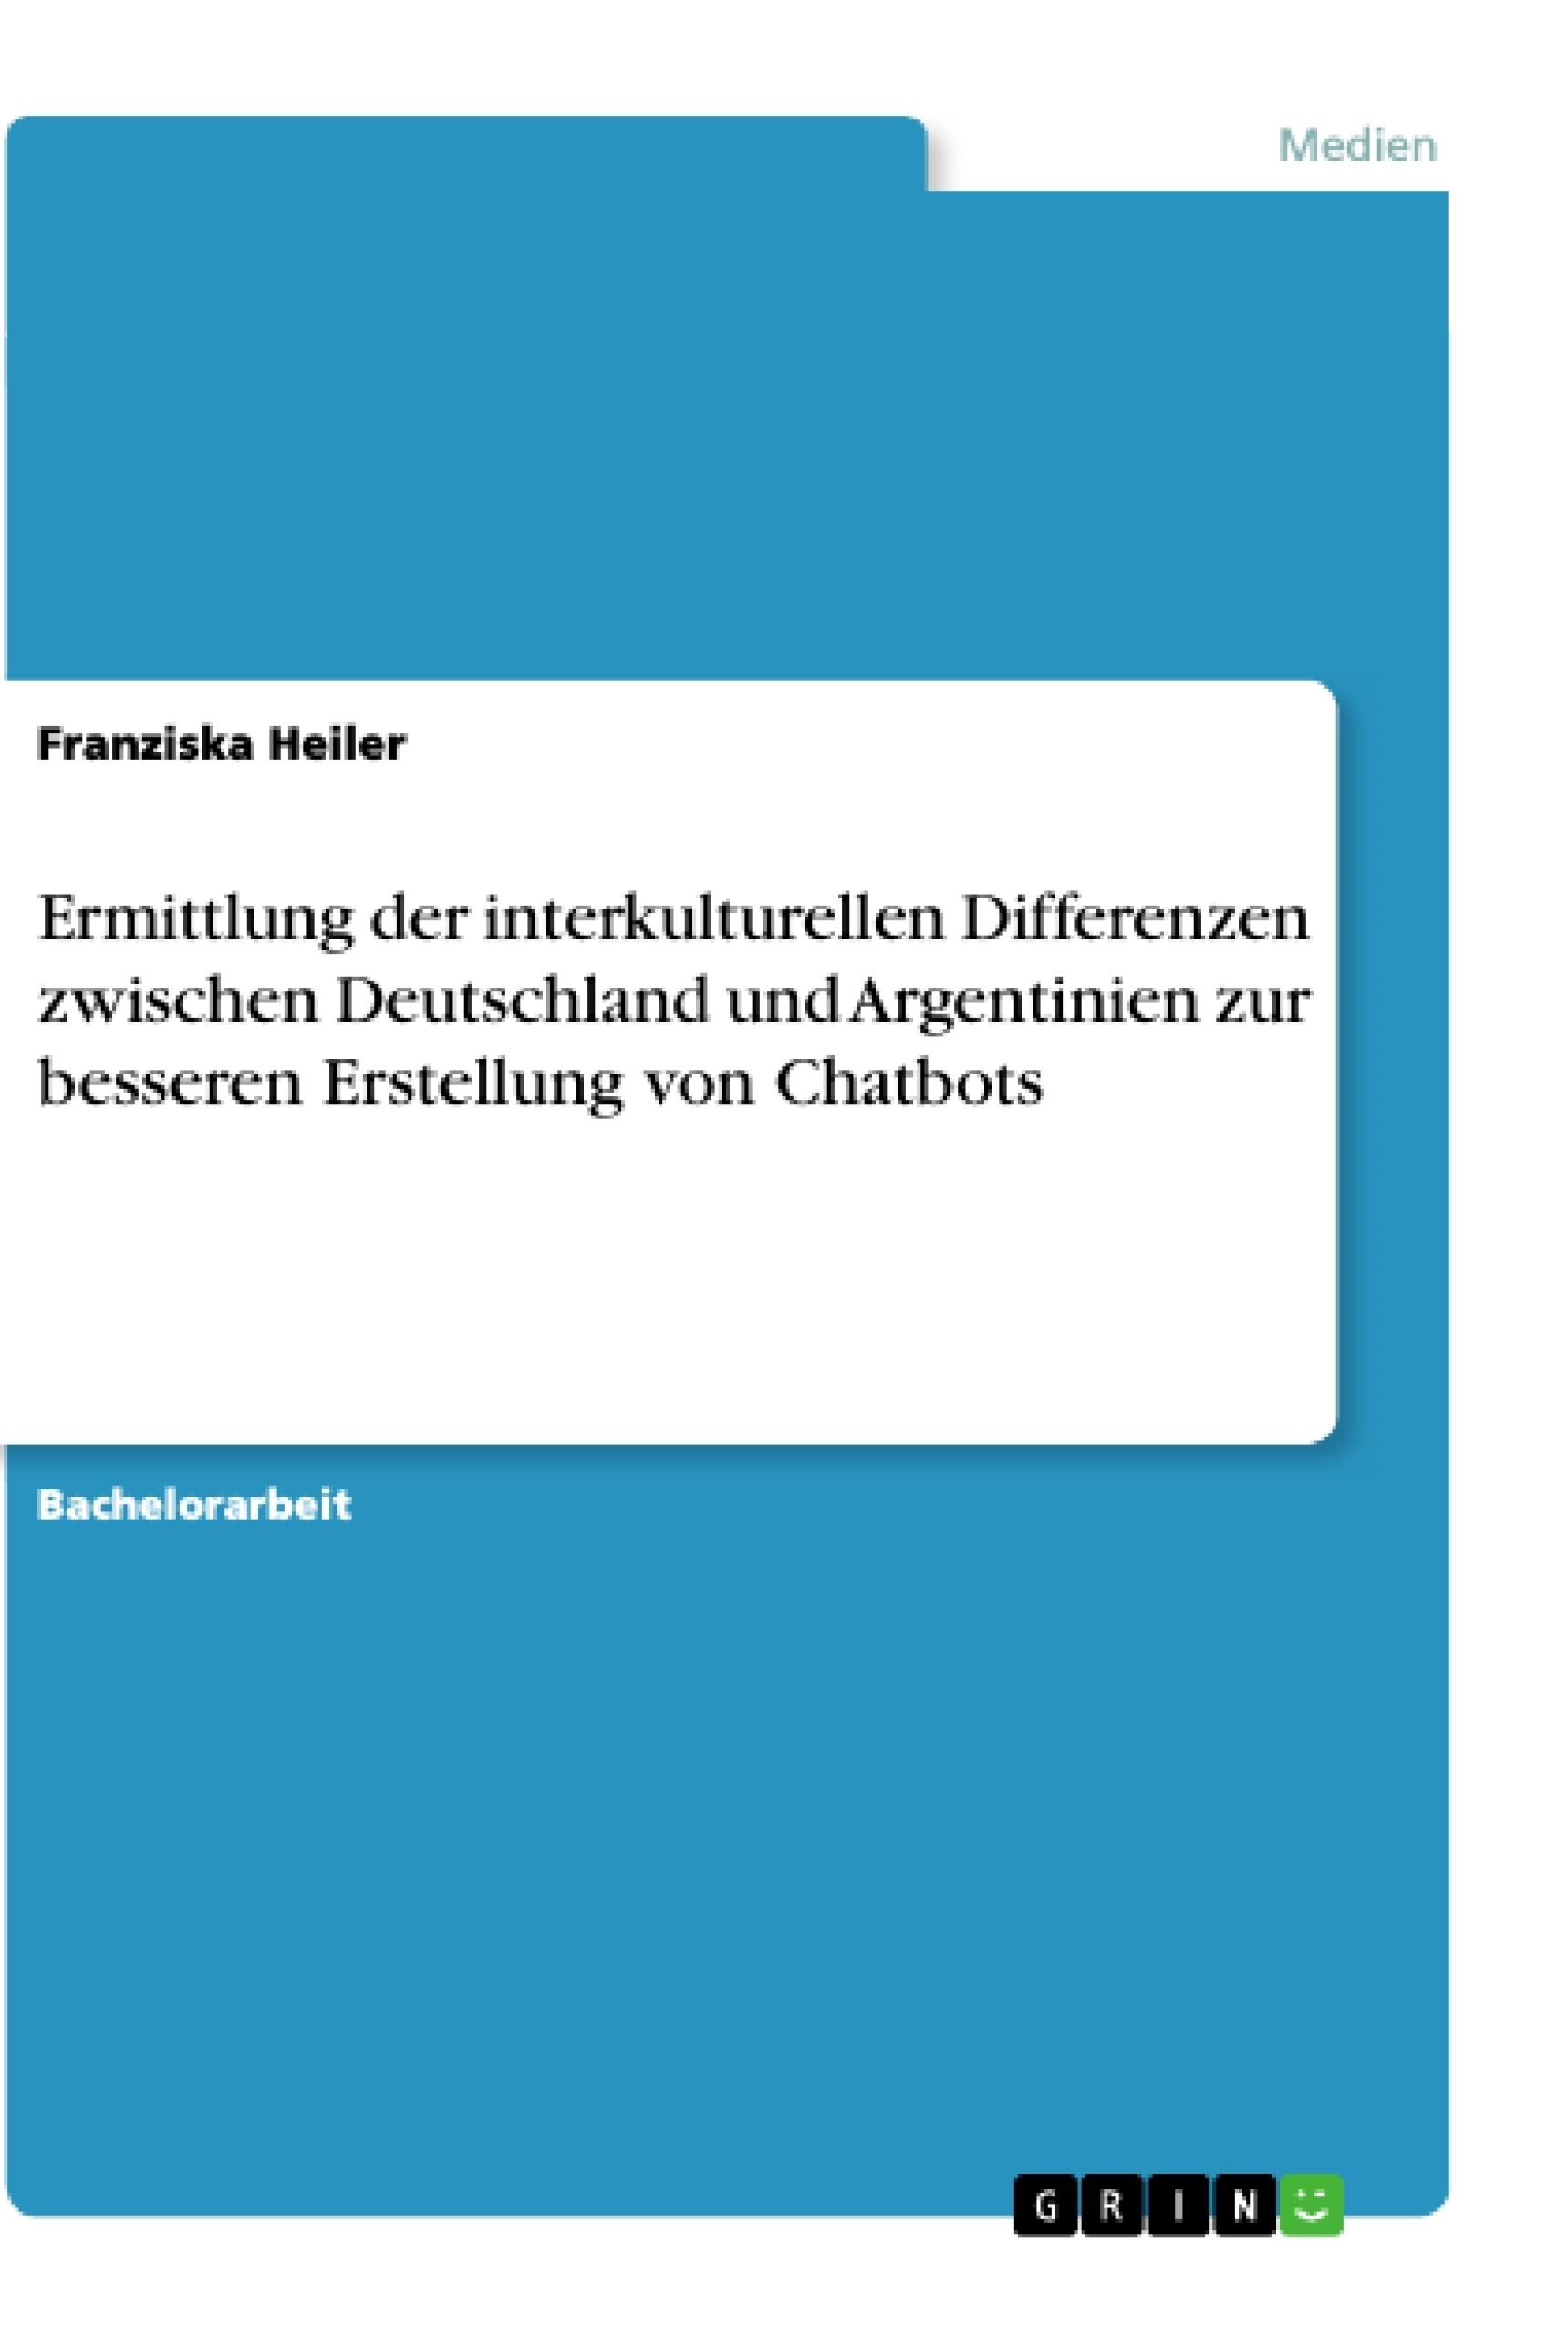 Titel: Ermittlung der interkulturellen Differenzen zwischen Deutschland und Argentinien zur besseren Erstellung von Chatbots